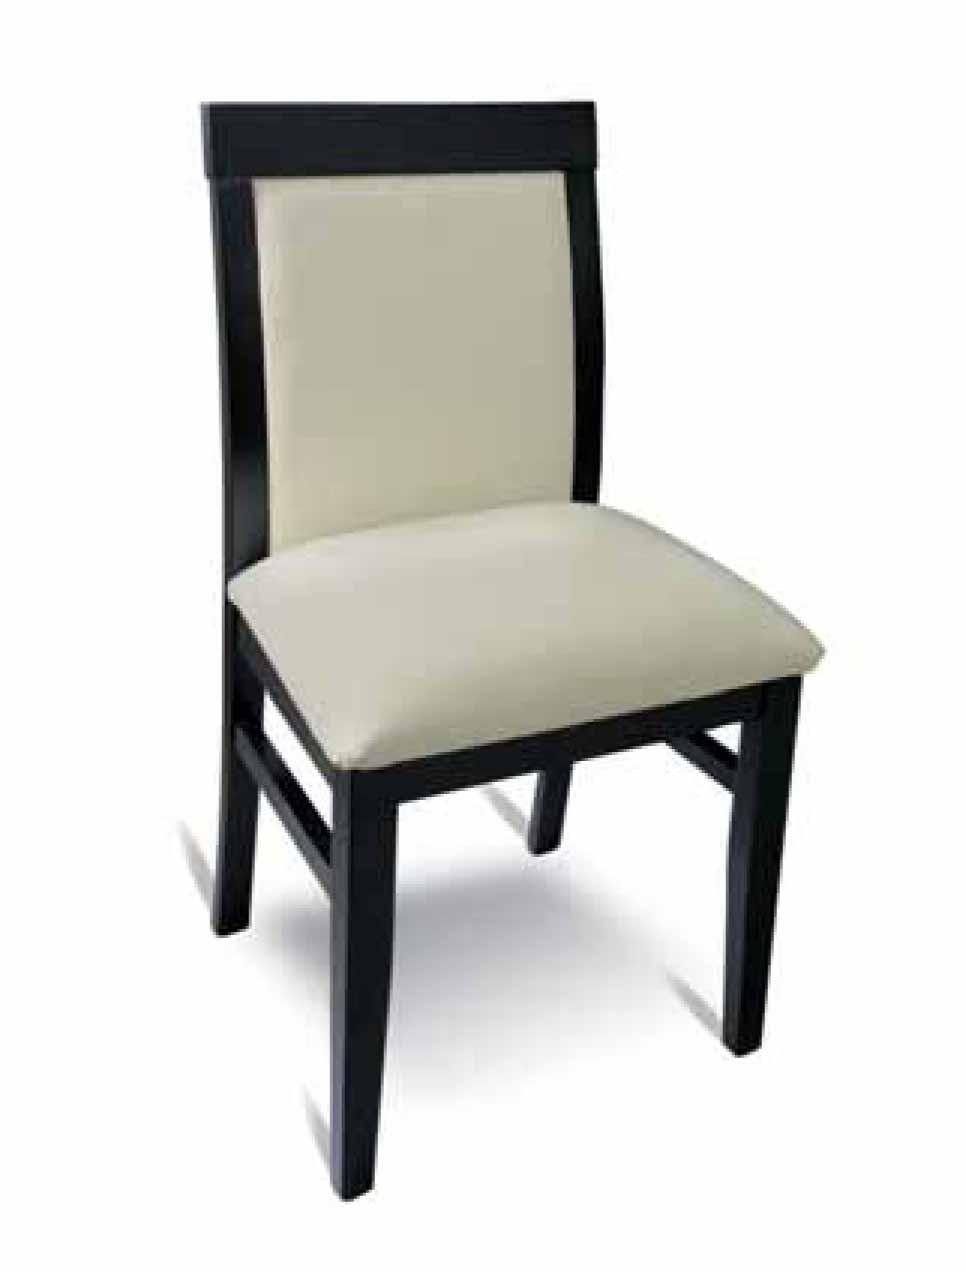 Sillas isabelinas modernas affordable silla dormitorio de for Sillas tapizadas modernas